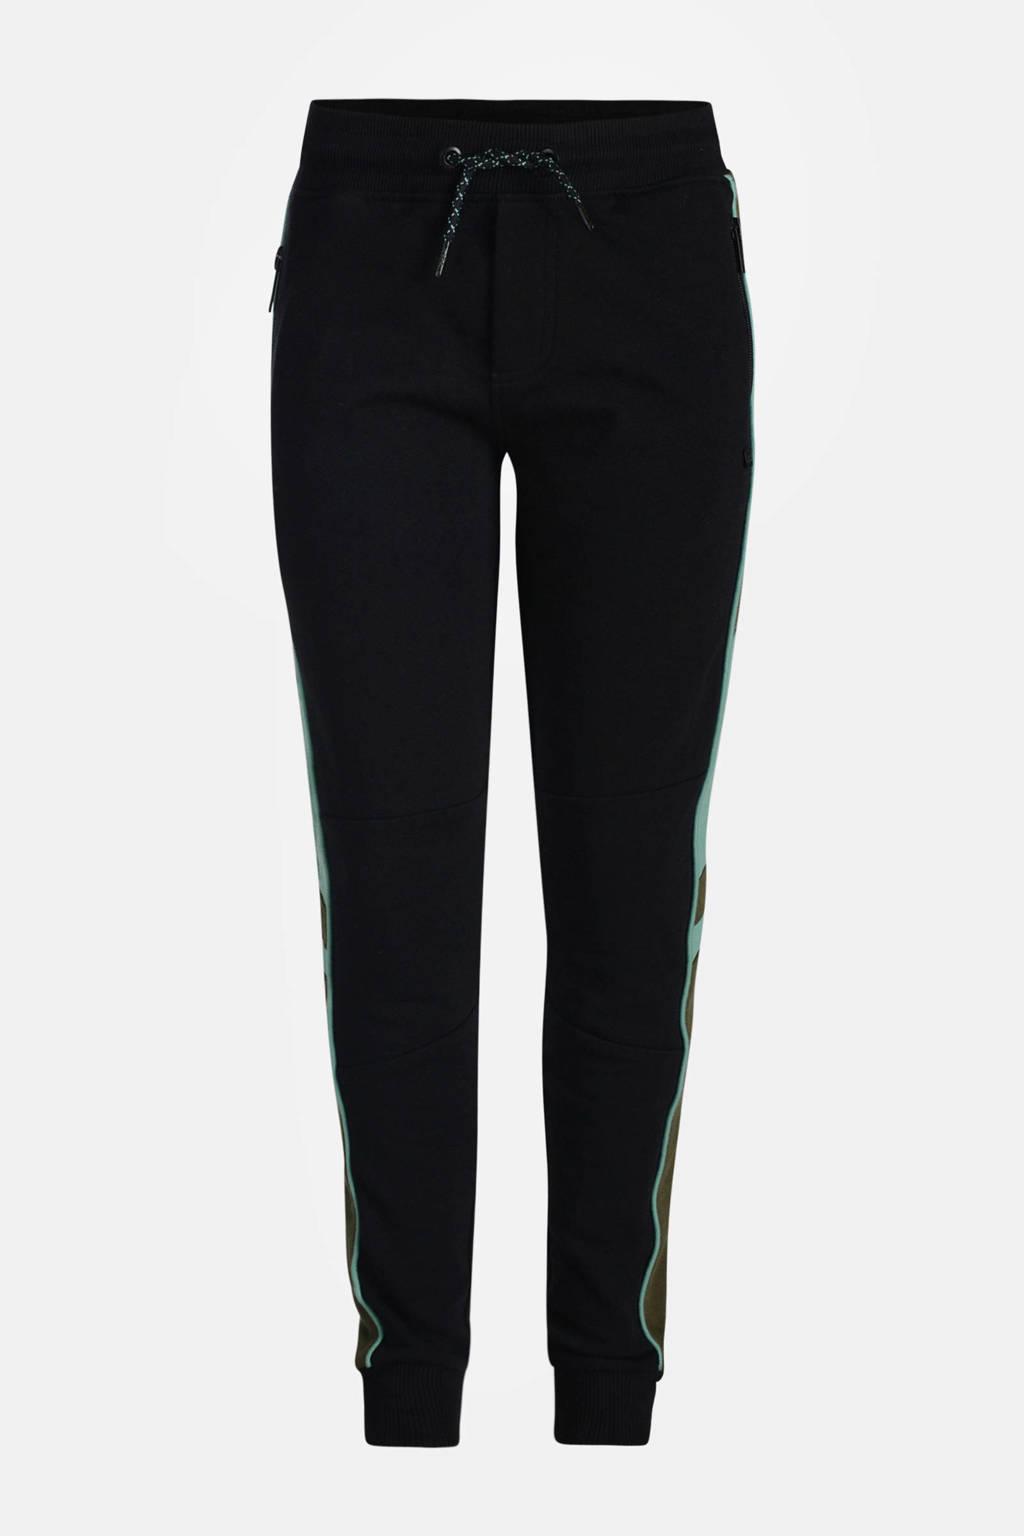 Jill & Mitch by Shoeby joggingbroek Reeve met zijstreep zwart/donkergroen/lichtblauw, Zwart/donkergroen/lichtblauw